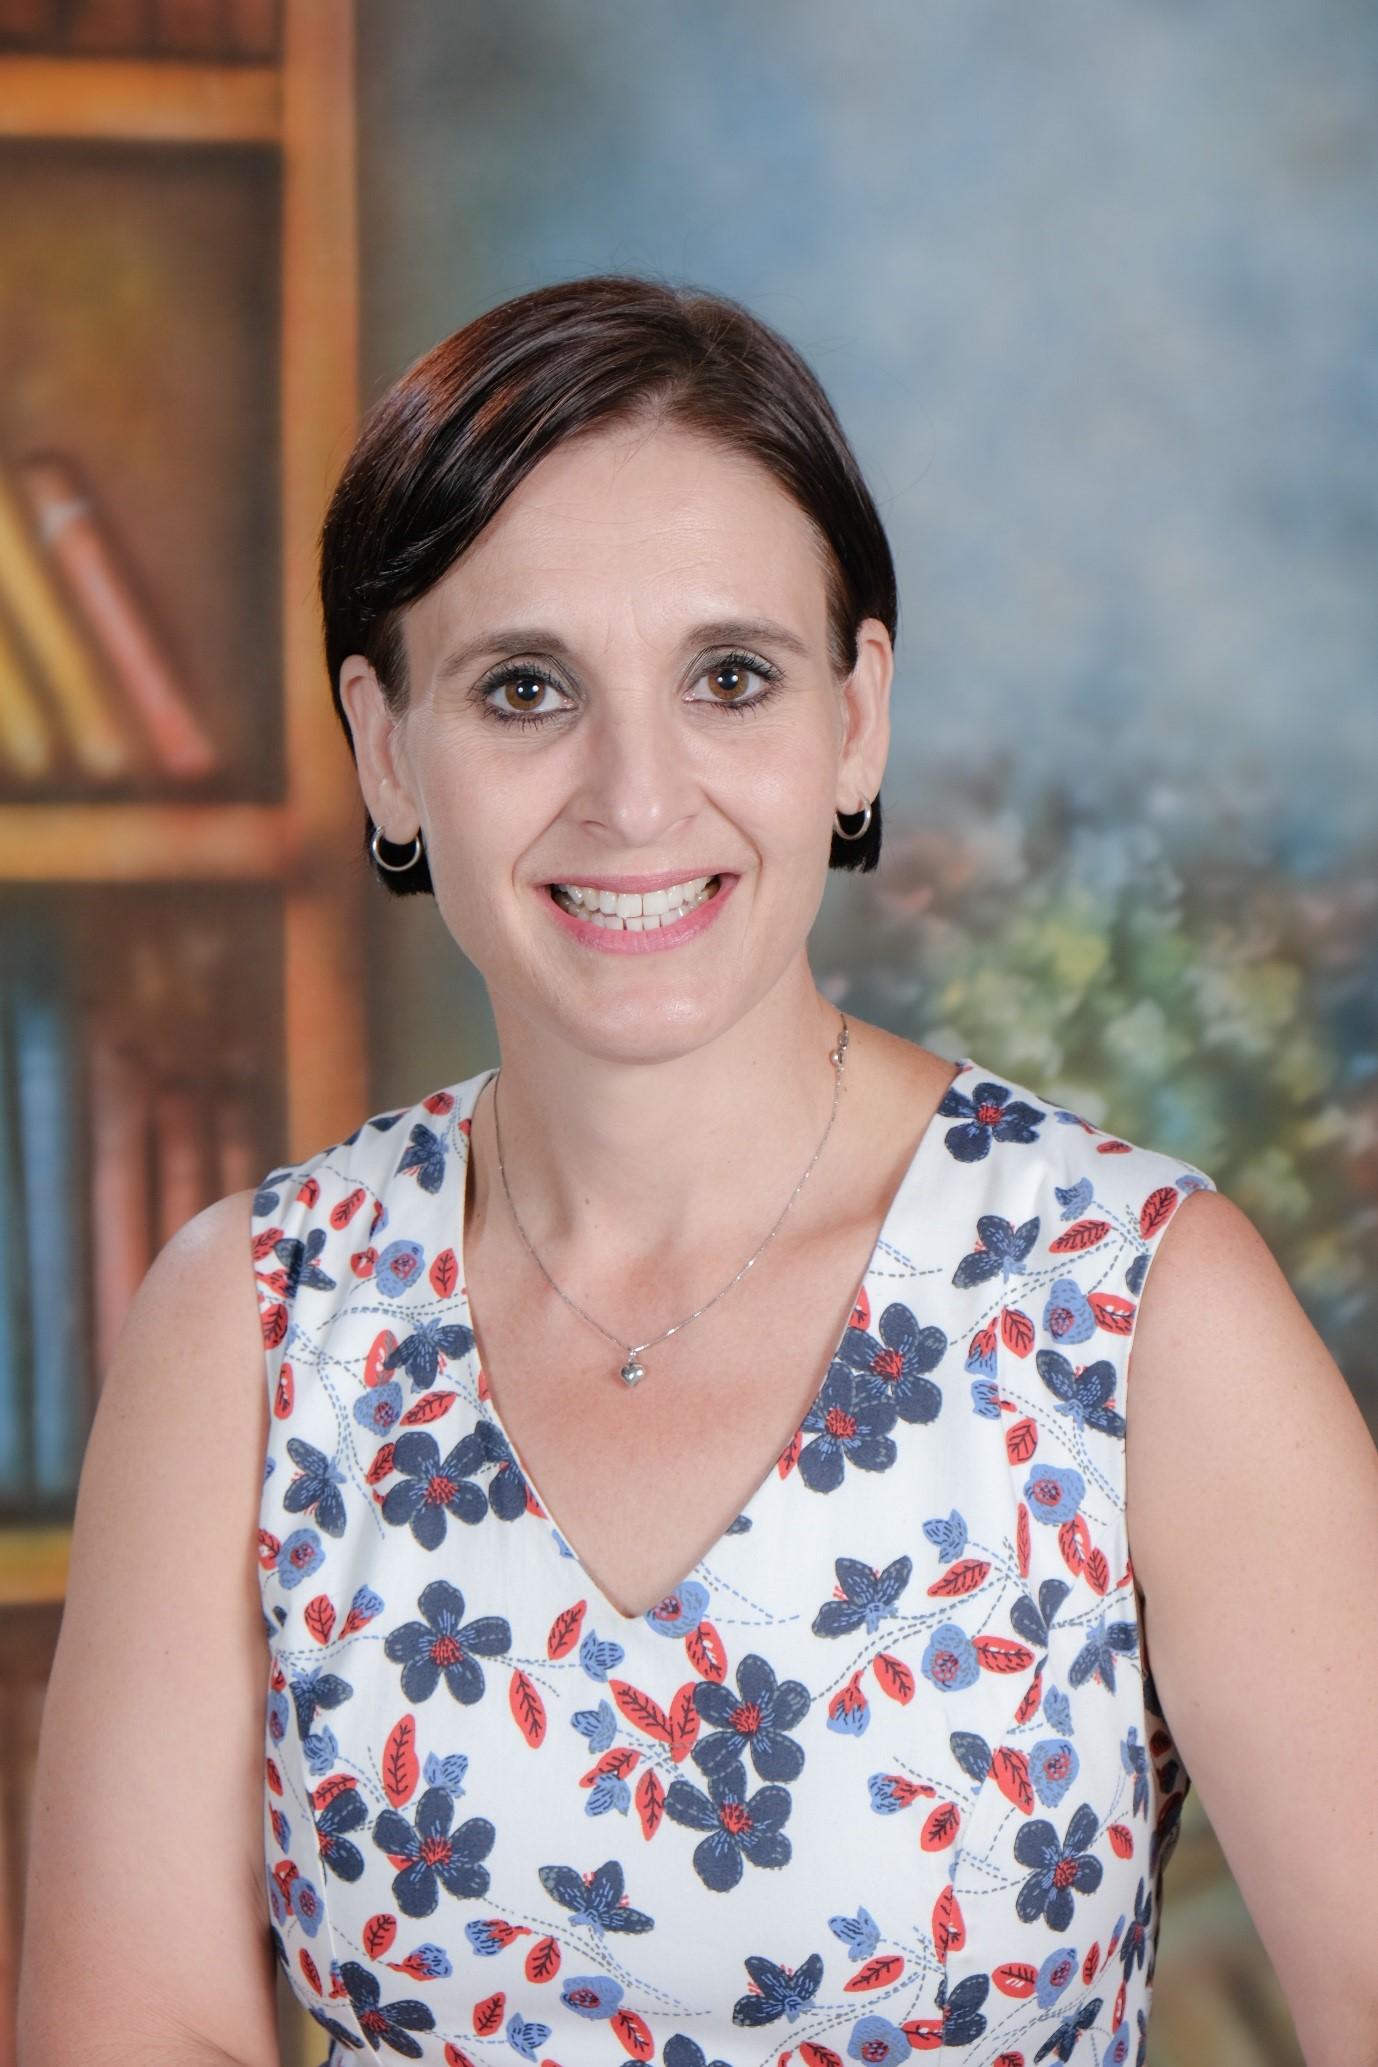 Tanya Flischman Kultuur Beheerliggaam